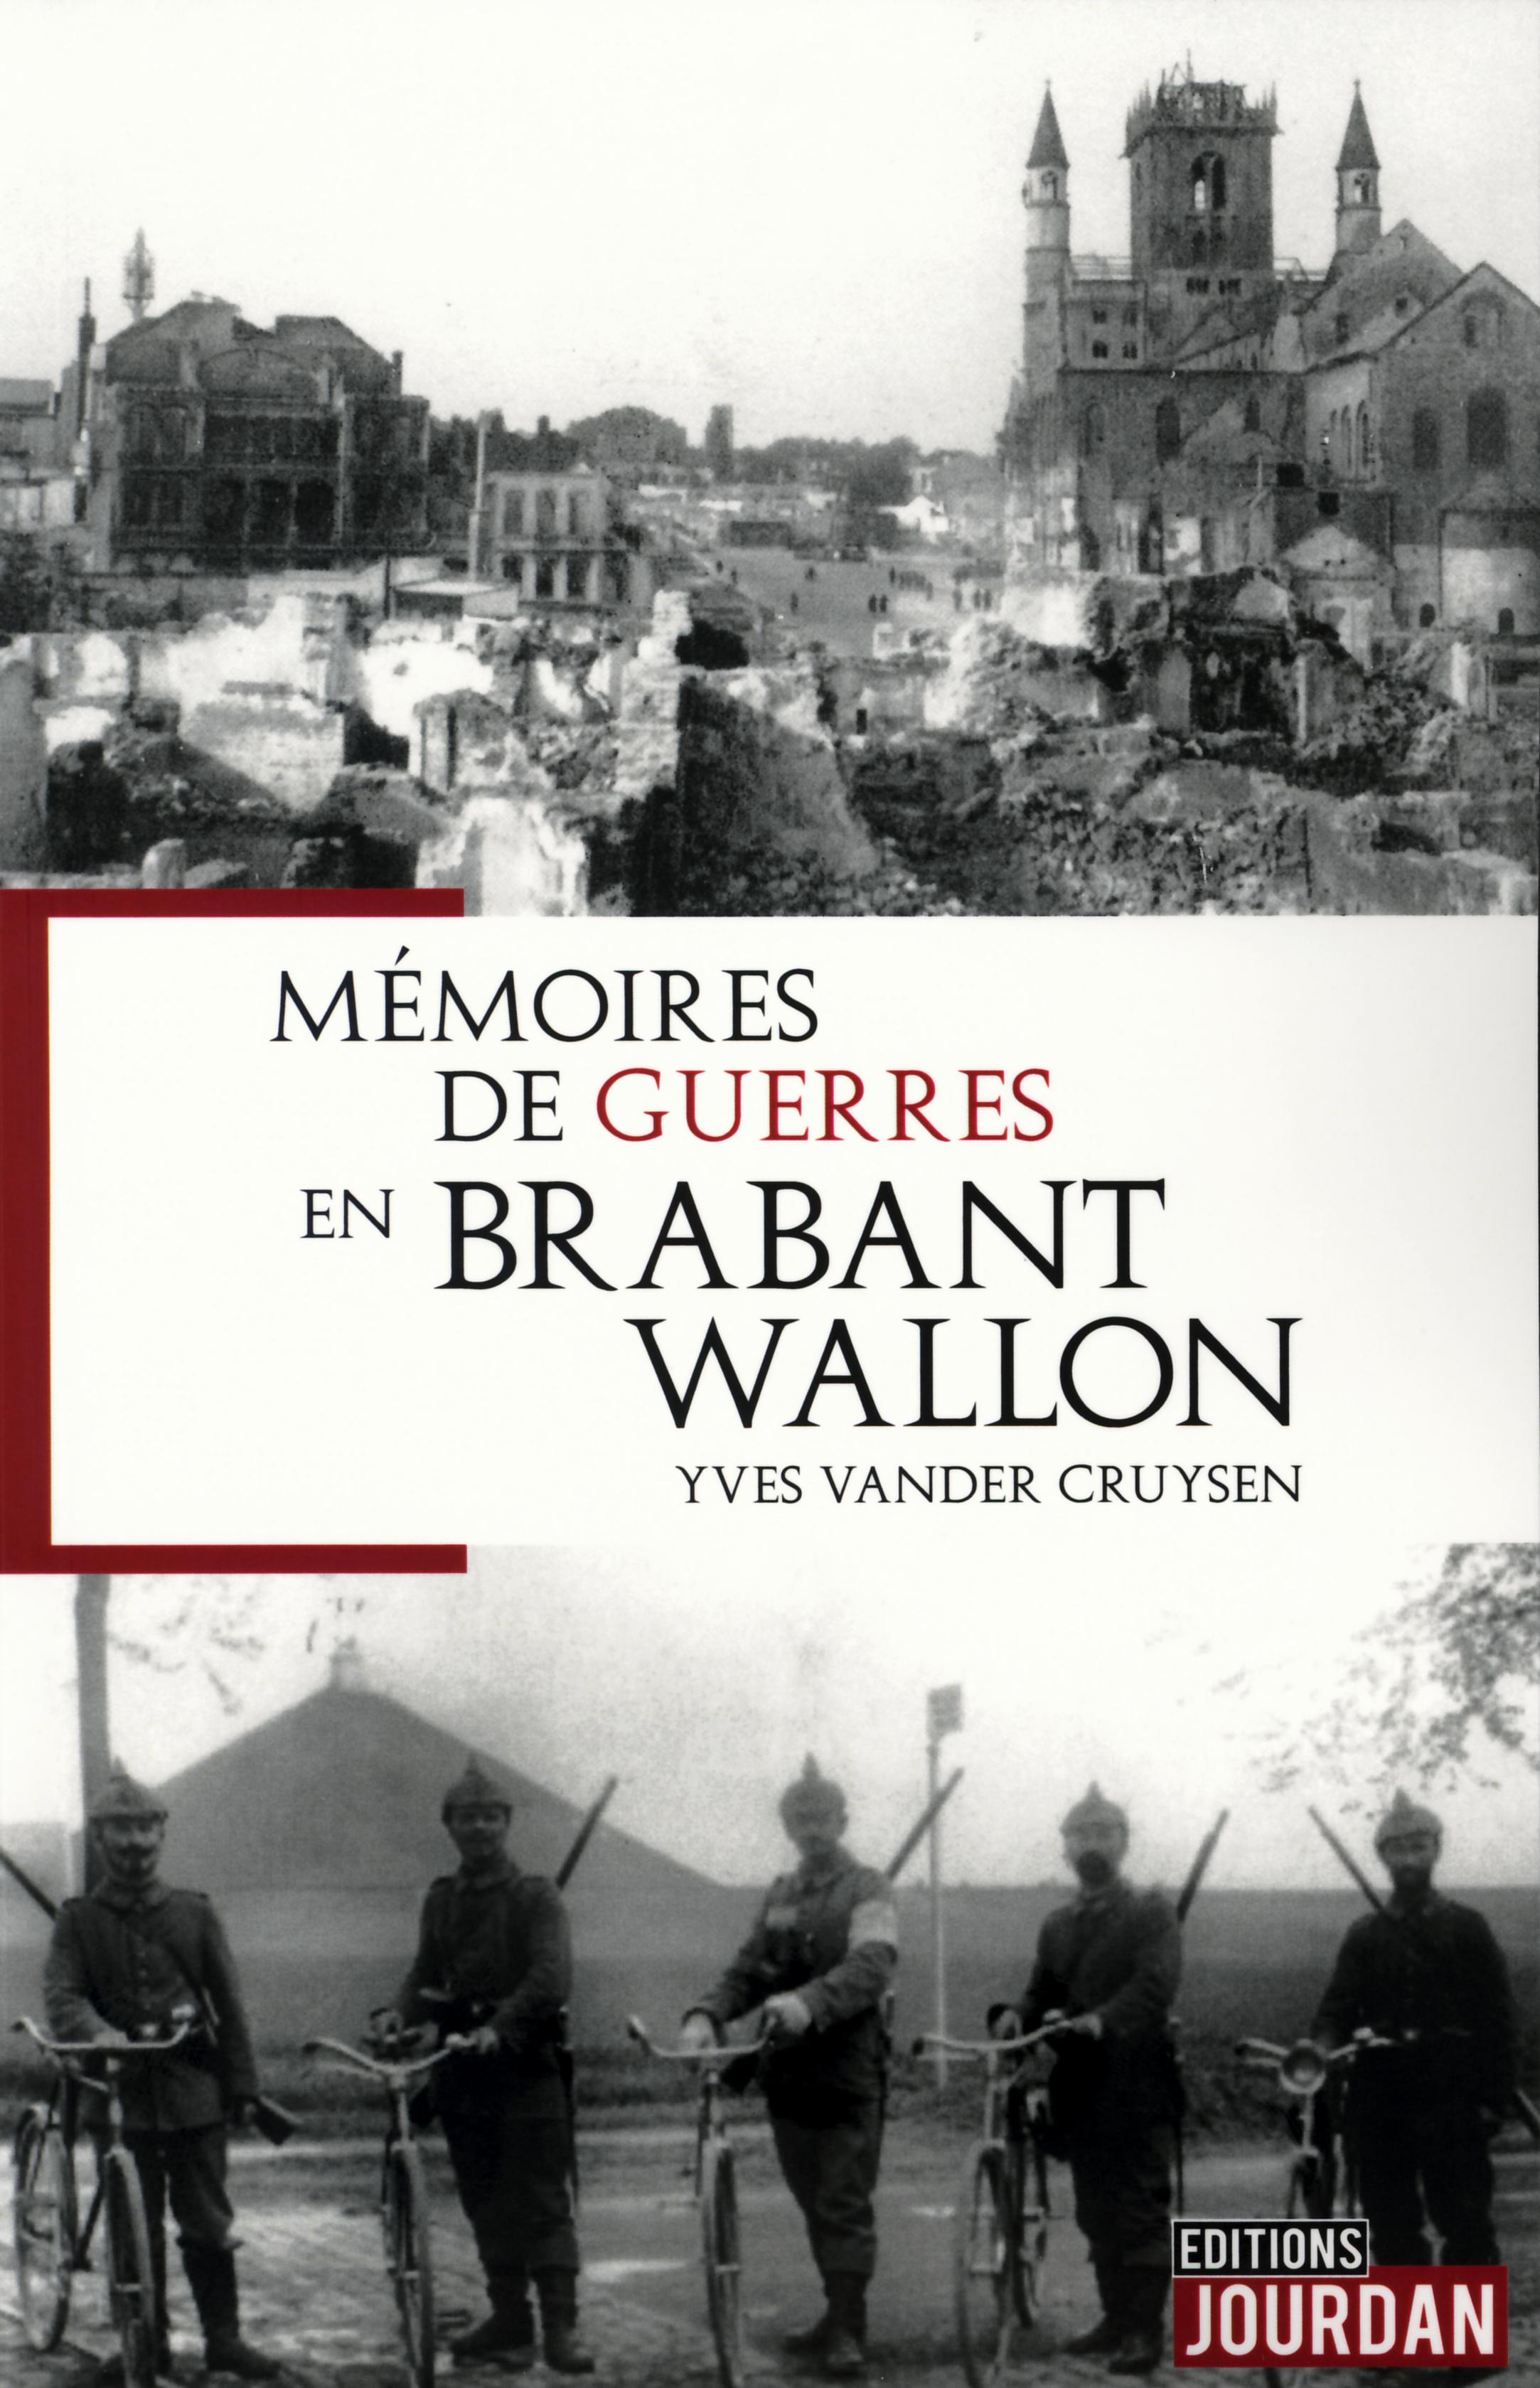 La mémoire des guerres qui ont marqué le Brabant wallon